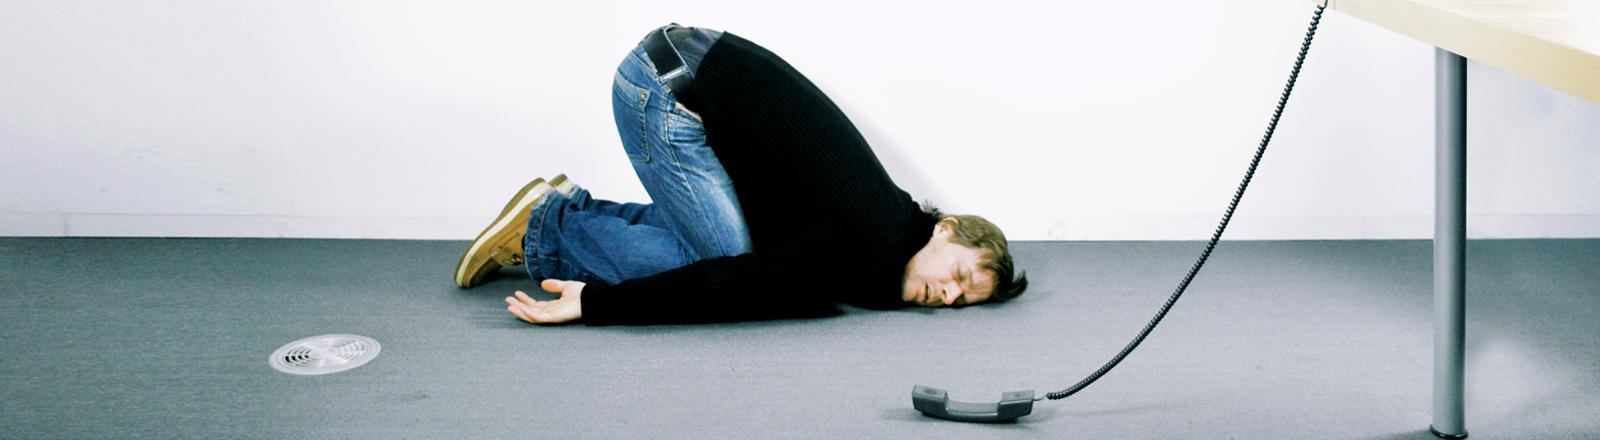 Ein Mann liegt erschöpft schlafend am Boden eines Büros. Neben ihm eine heruntergefallener Telefonhörer.